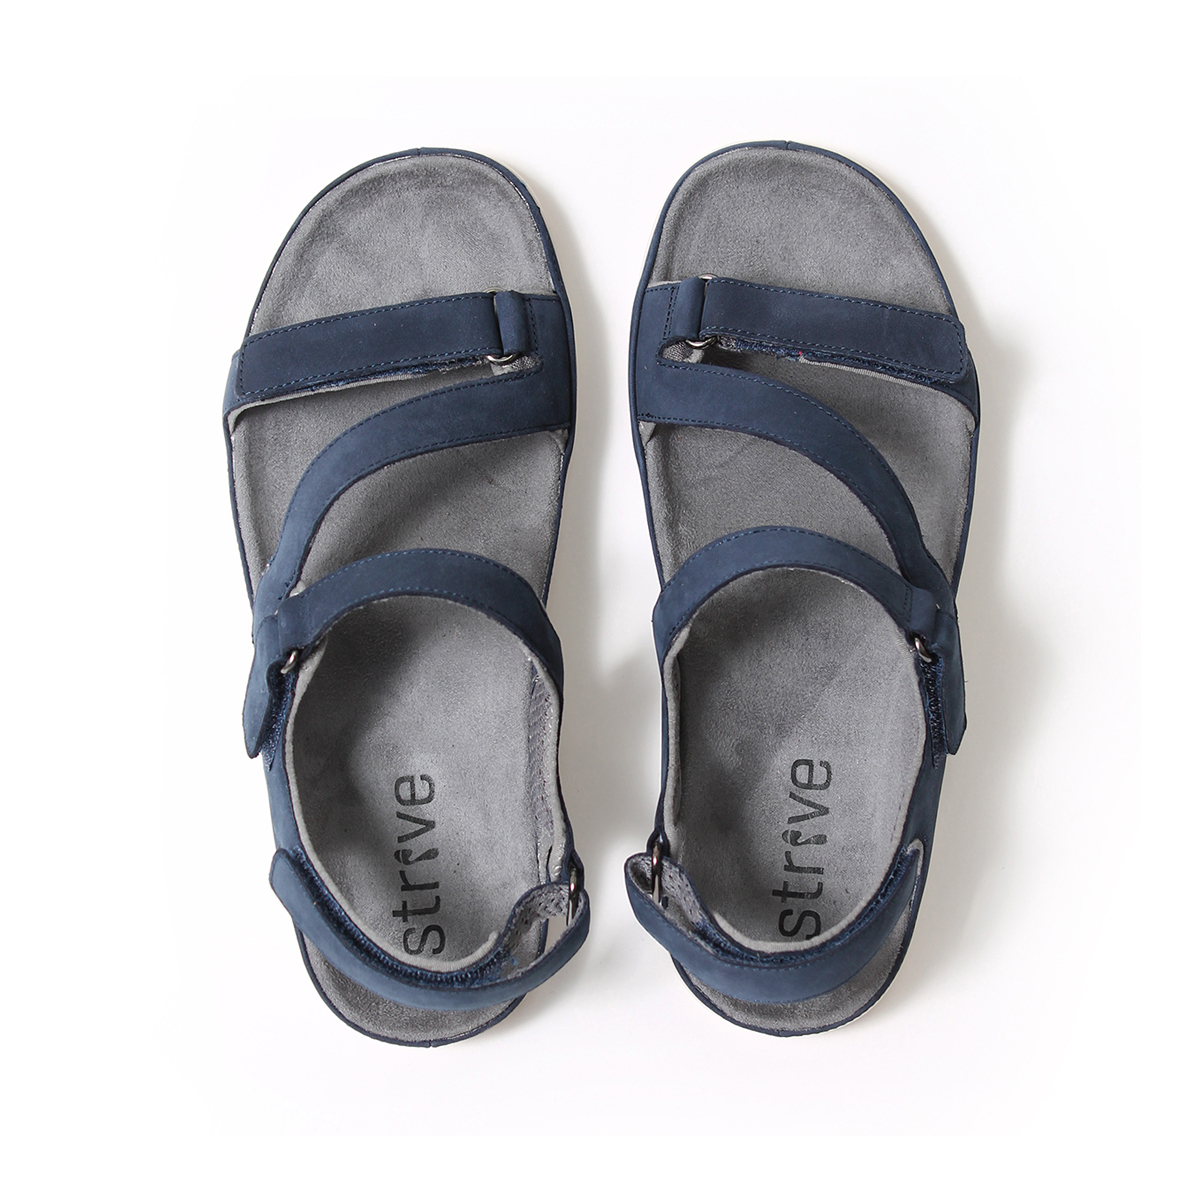 スニーカー感覚で歩き回れる「サンダル」|MONTANA (23-23.5cm) 独自開発の立体インソールで、スニーカーみたいに歩き回れる「サンダル」